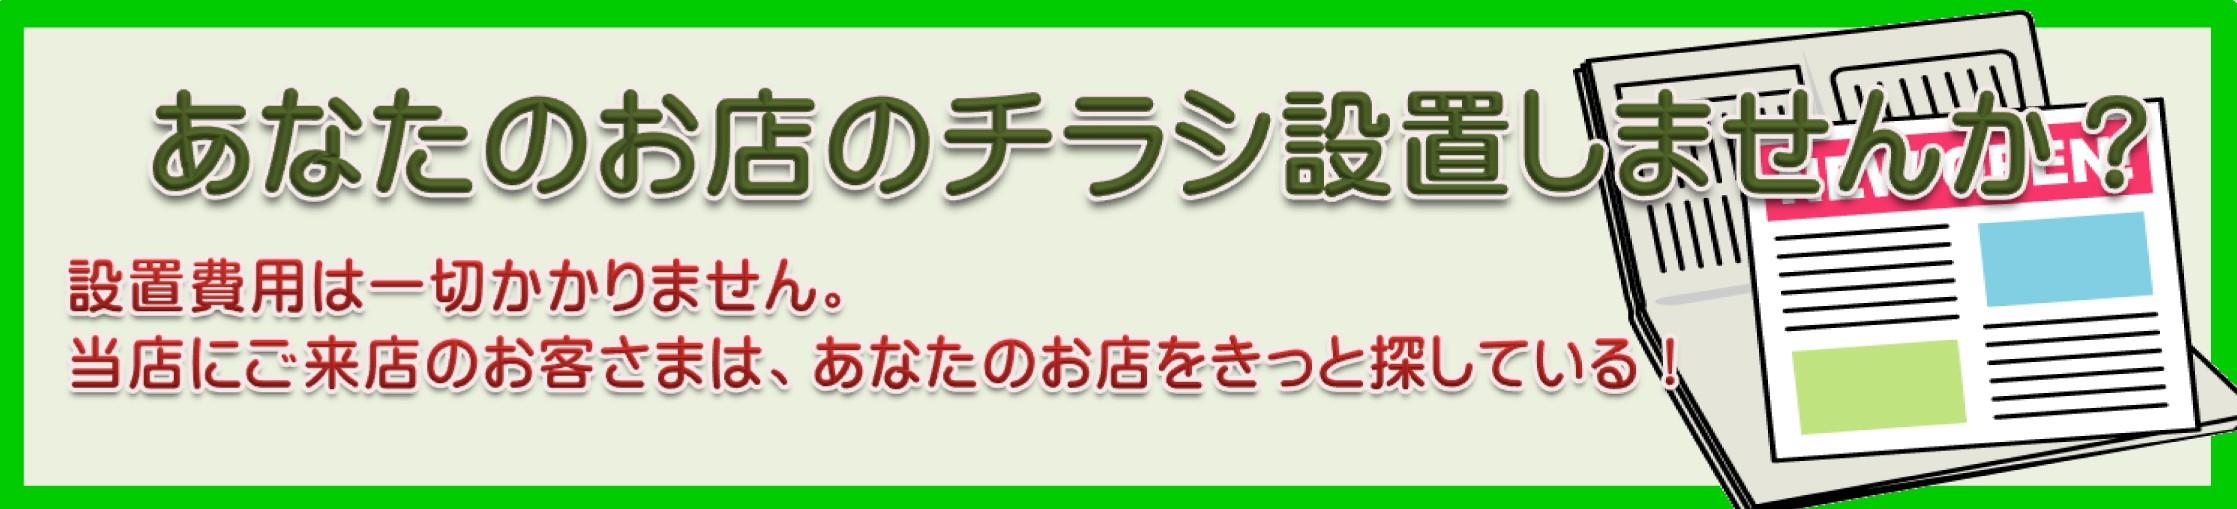 豊橋金券ショップフリーチケット|チラシ設置